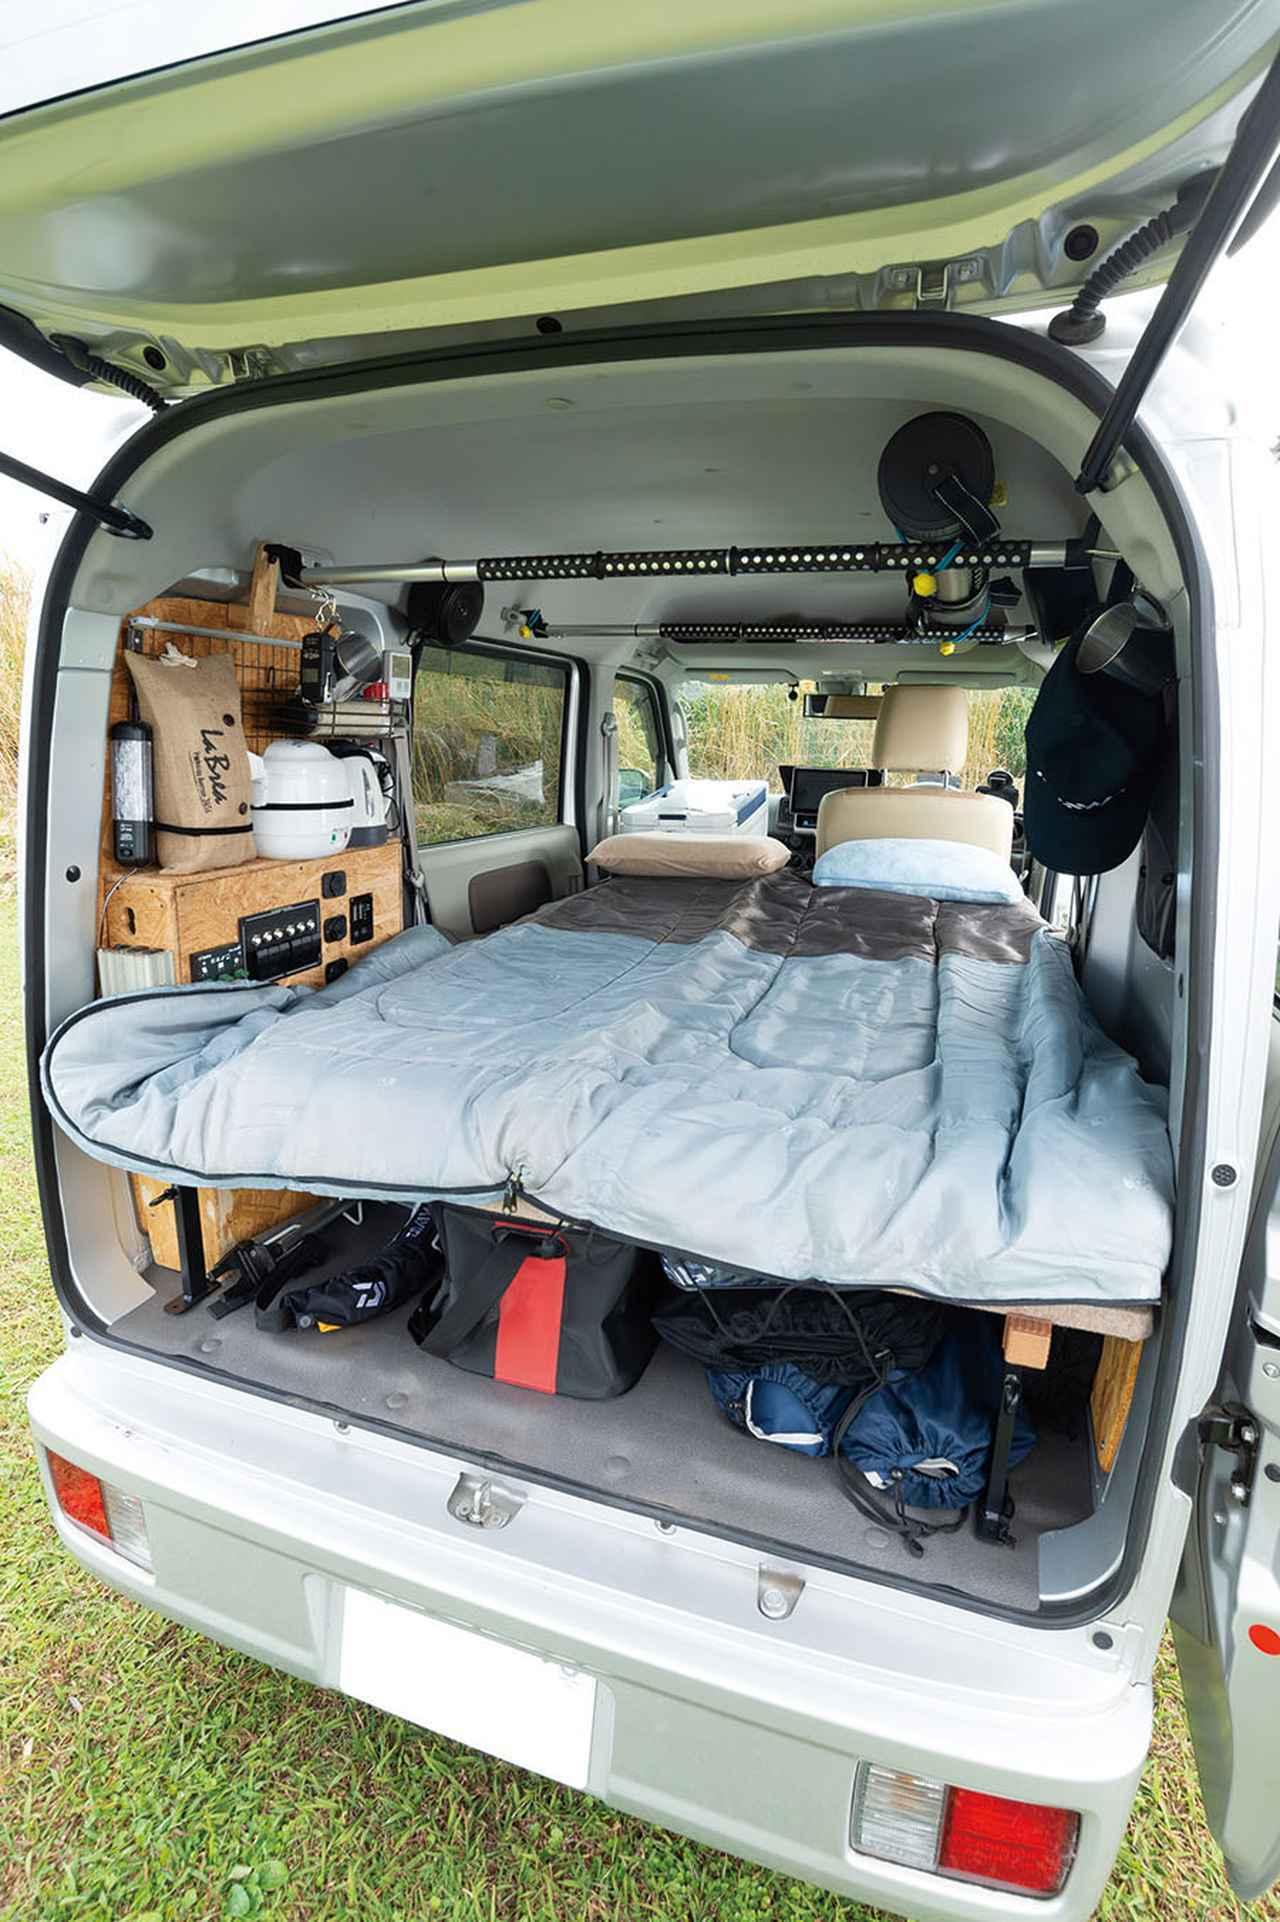 画像: 全長サイズは168cmで、身長170cmの萩原さんでもギリギリ寝られるベッド。ちなみに幅120cmも必要十分。